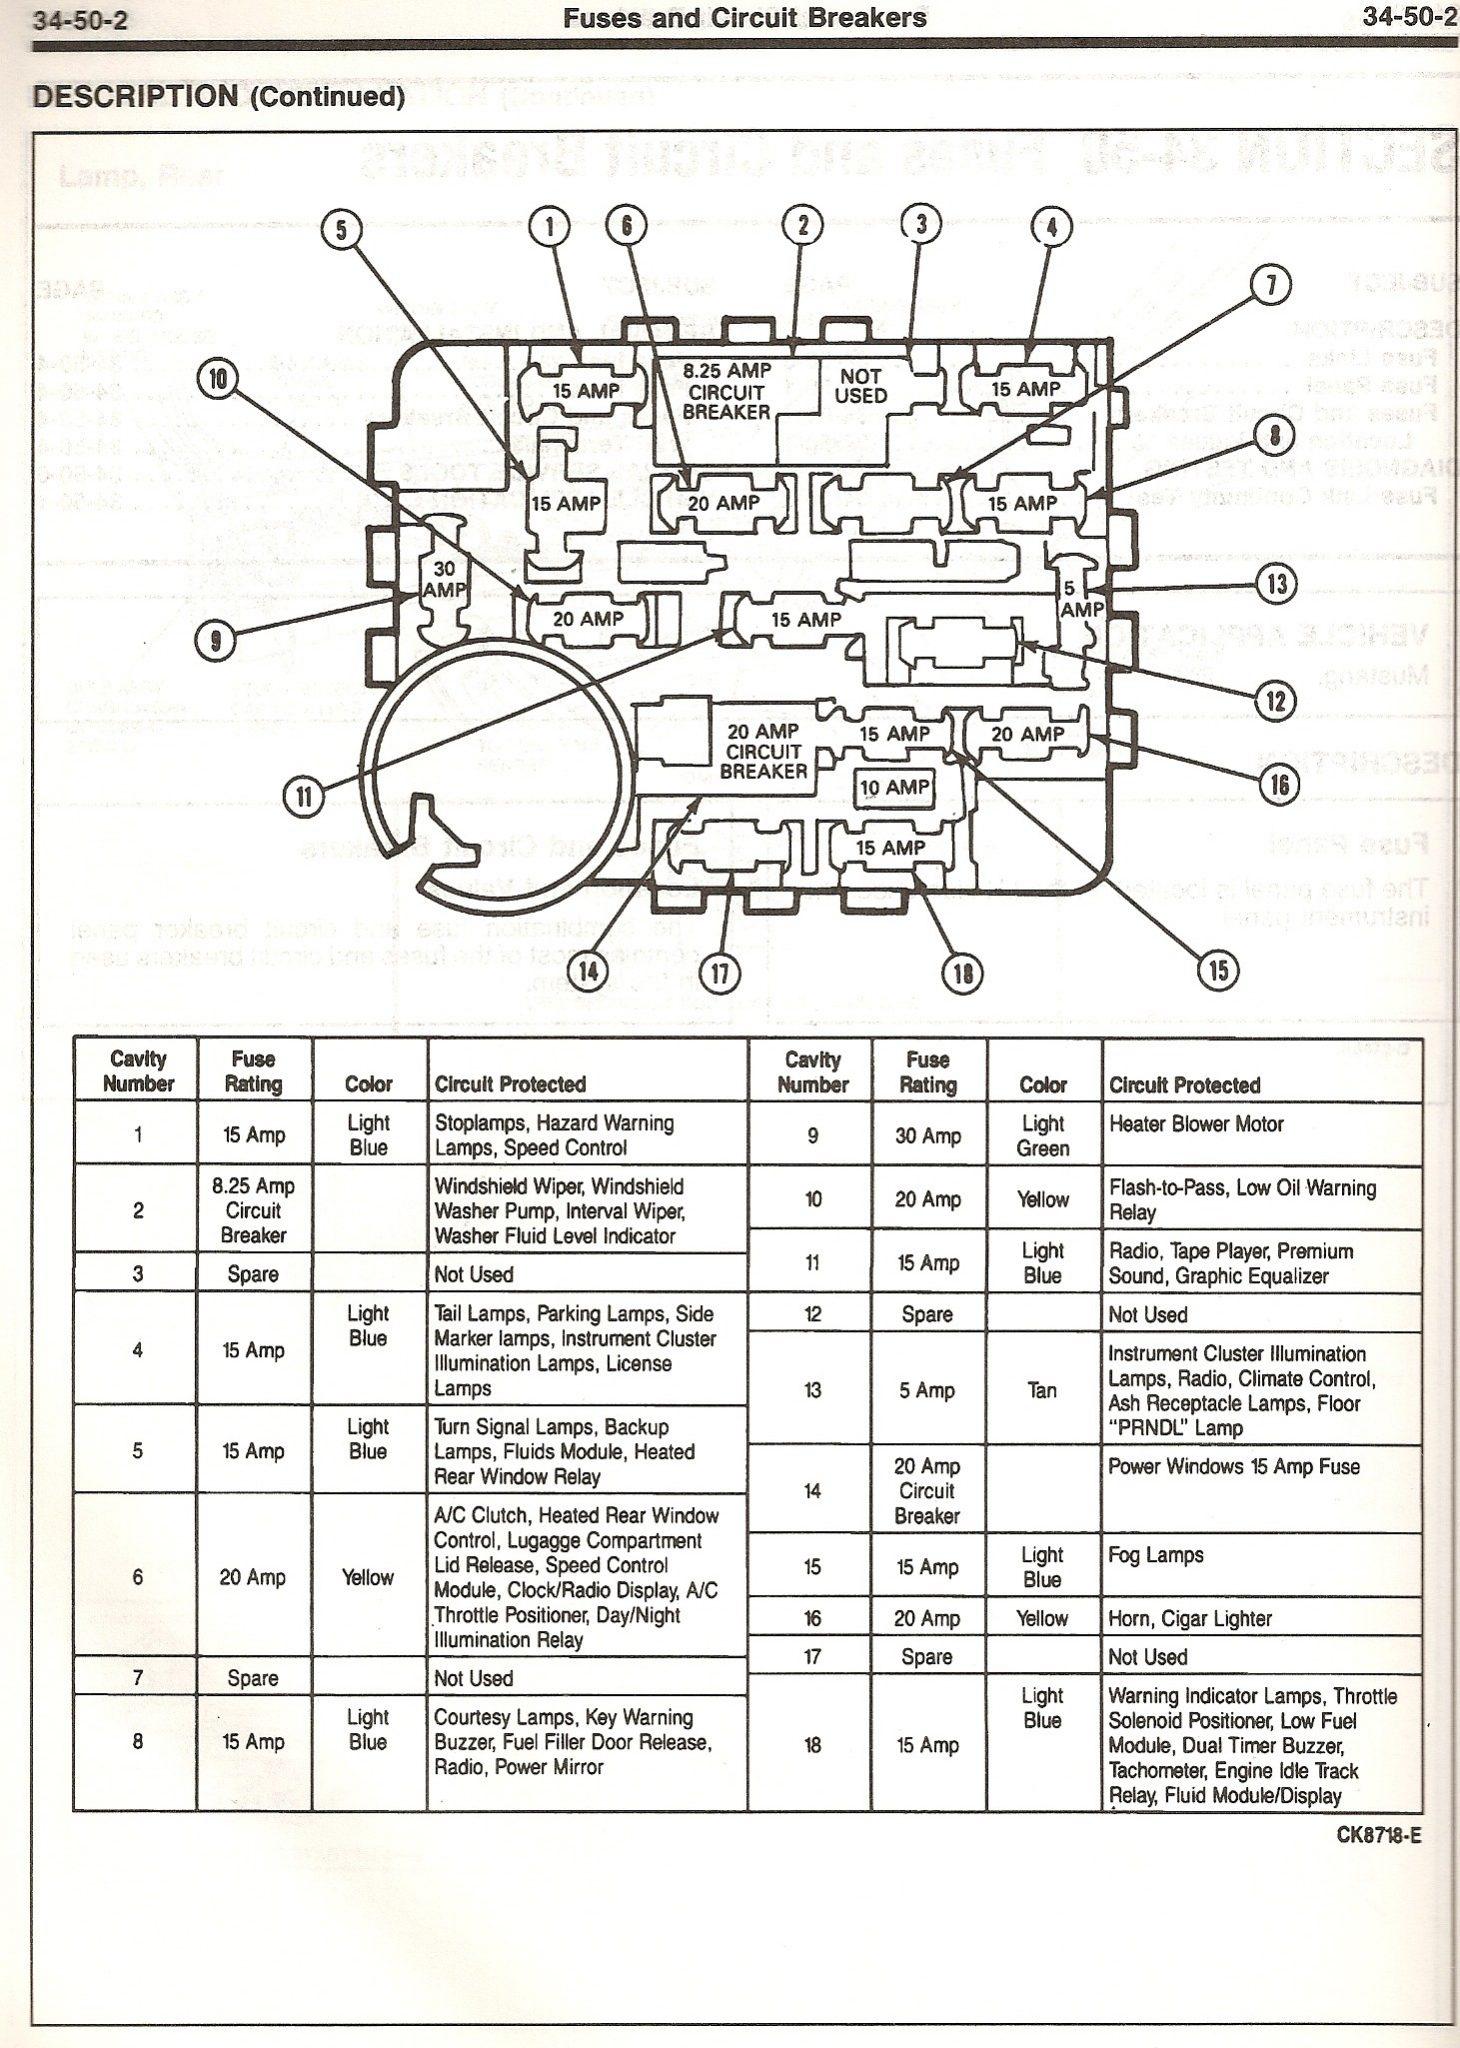 1996 ford aerostar fuse box wiring diagram1997 ford aerostar fuse box wiring diagrams1996 ford aerostar fuse box diagram data wiring diagram